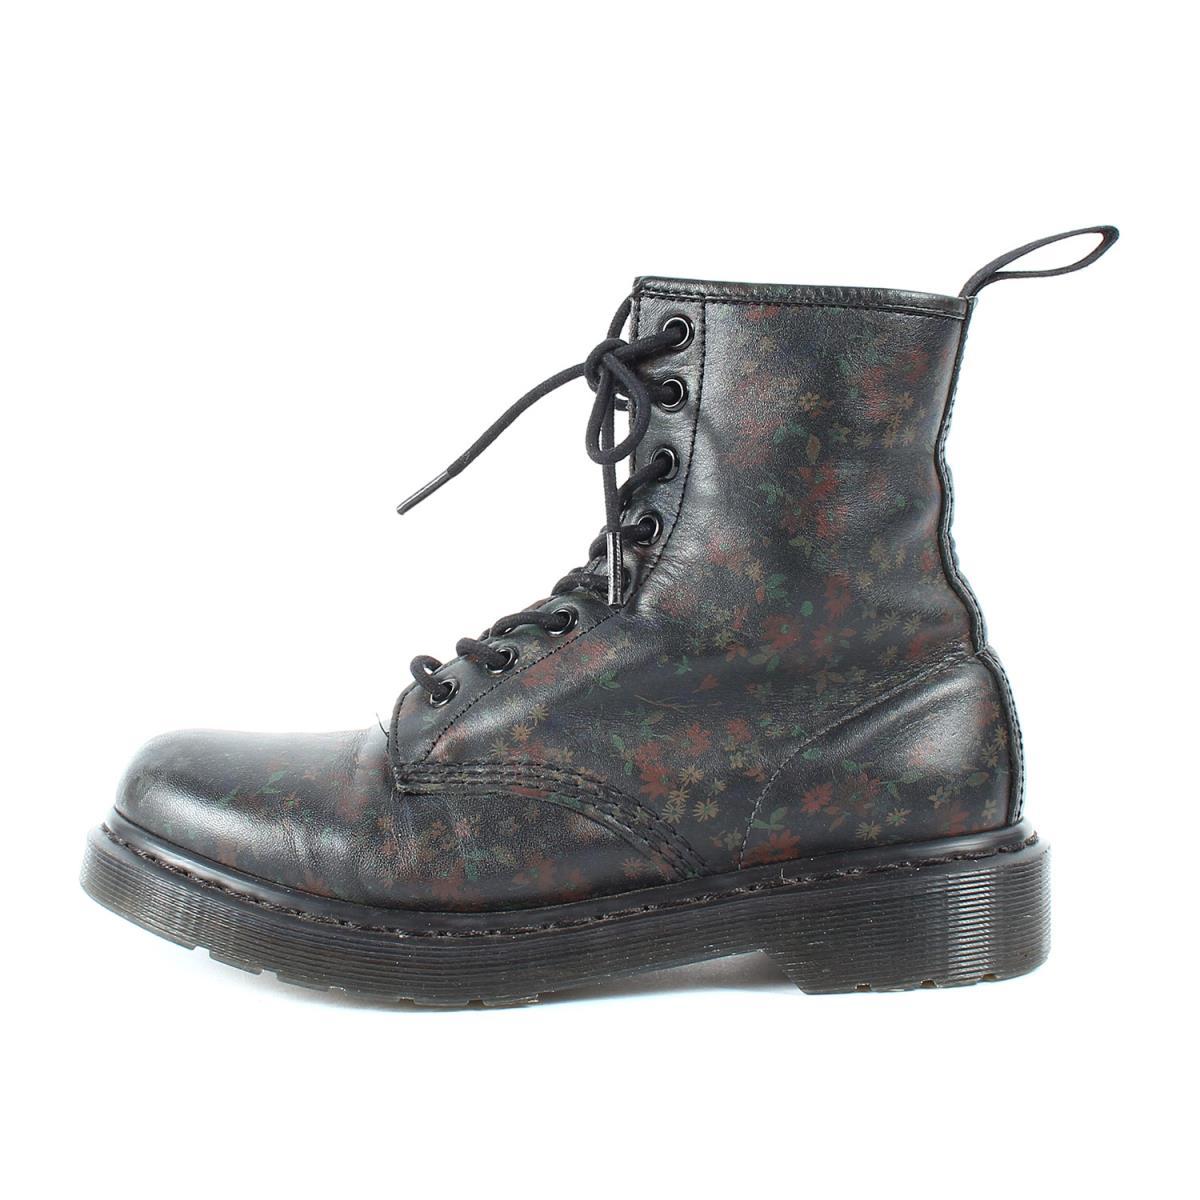 ブーツ, その他 Dr.Martens 8 1460 UK5 K2562